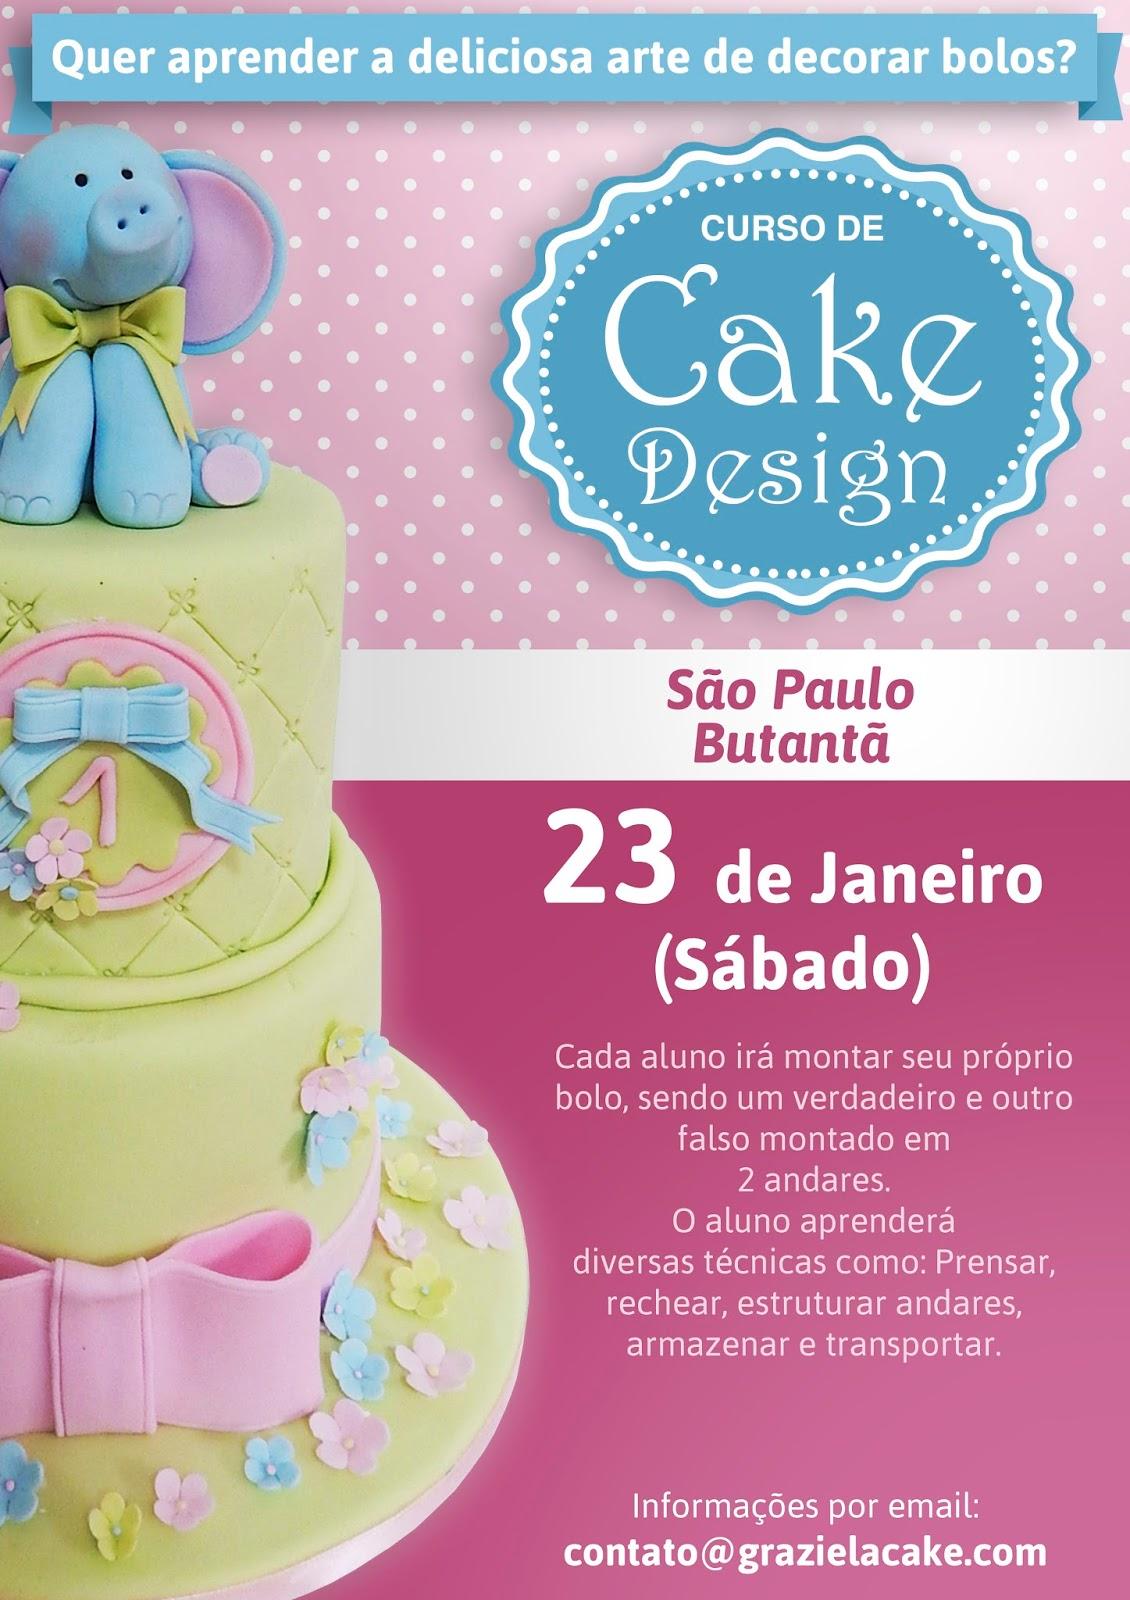 Curso De Cake Design Viseu : Graziela Cake: Curso Cake Design - Sao Paulo